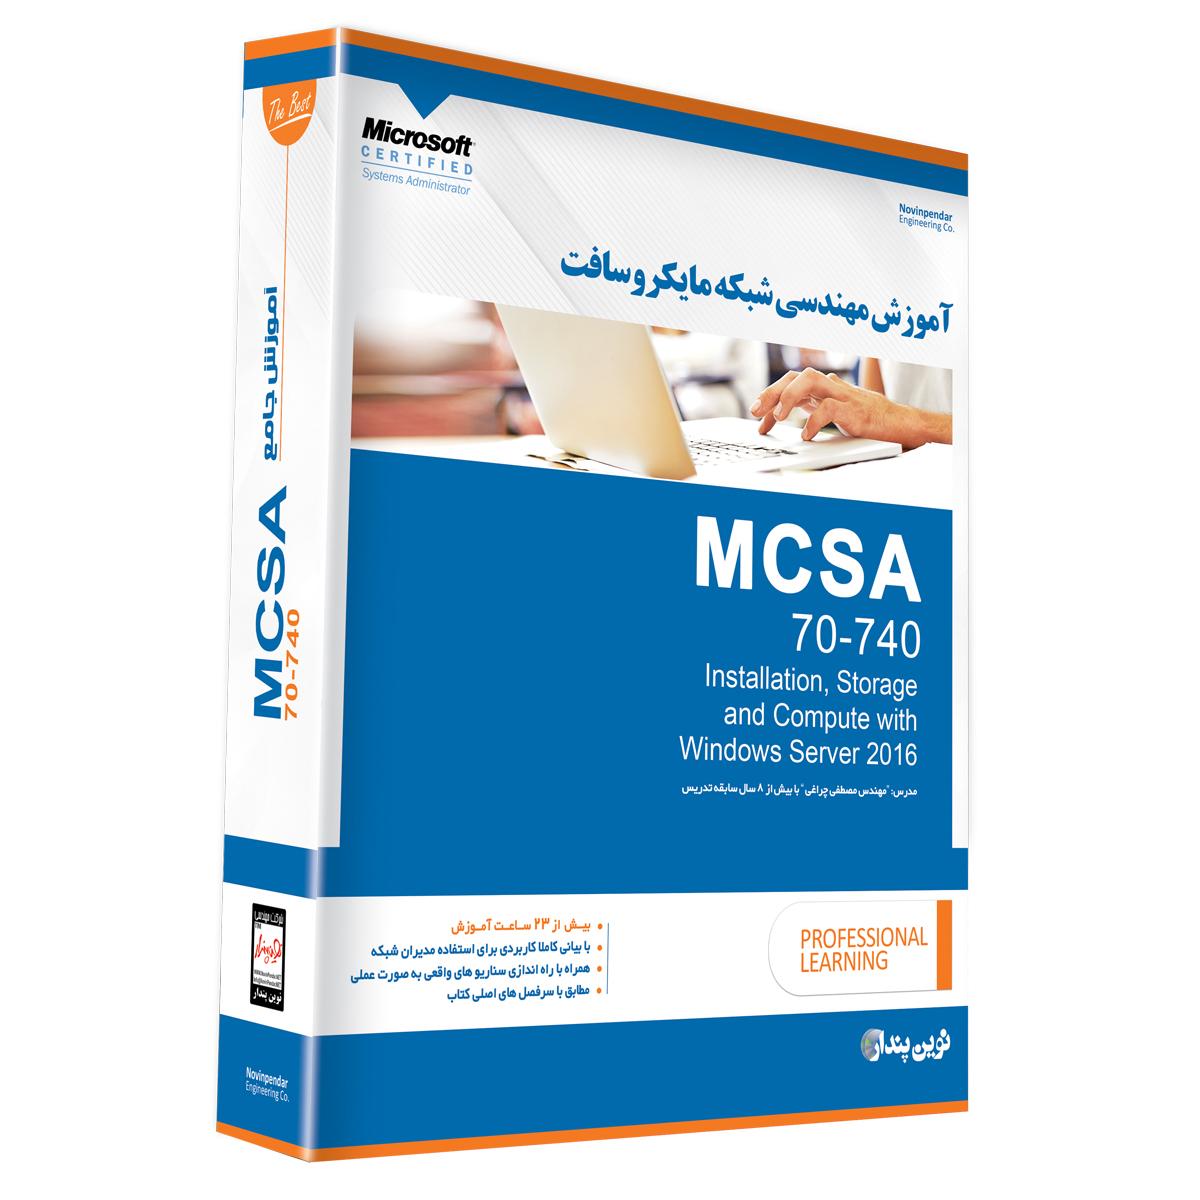 مجموعه نرم افزار آموزش مهندسی شبکه مایکروسافت  MCSA 70-740  نشر نوین پندار